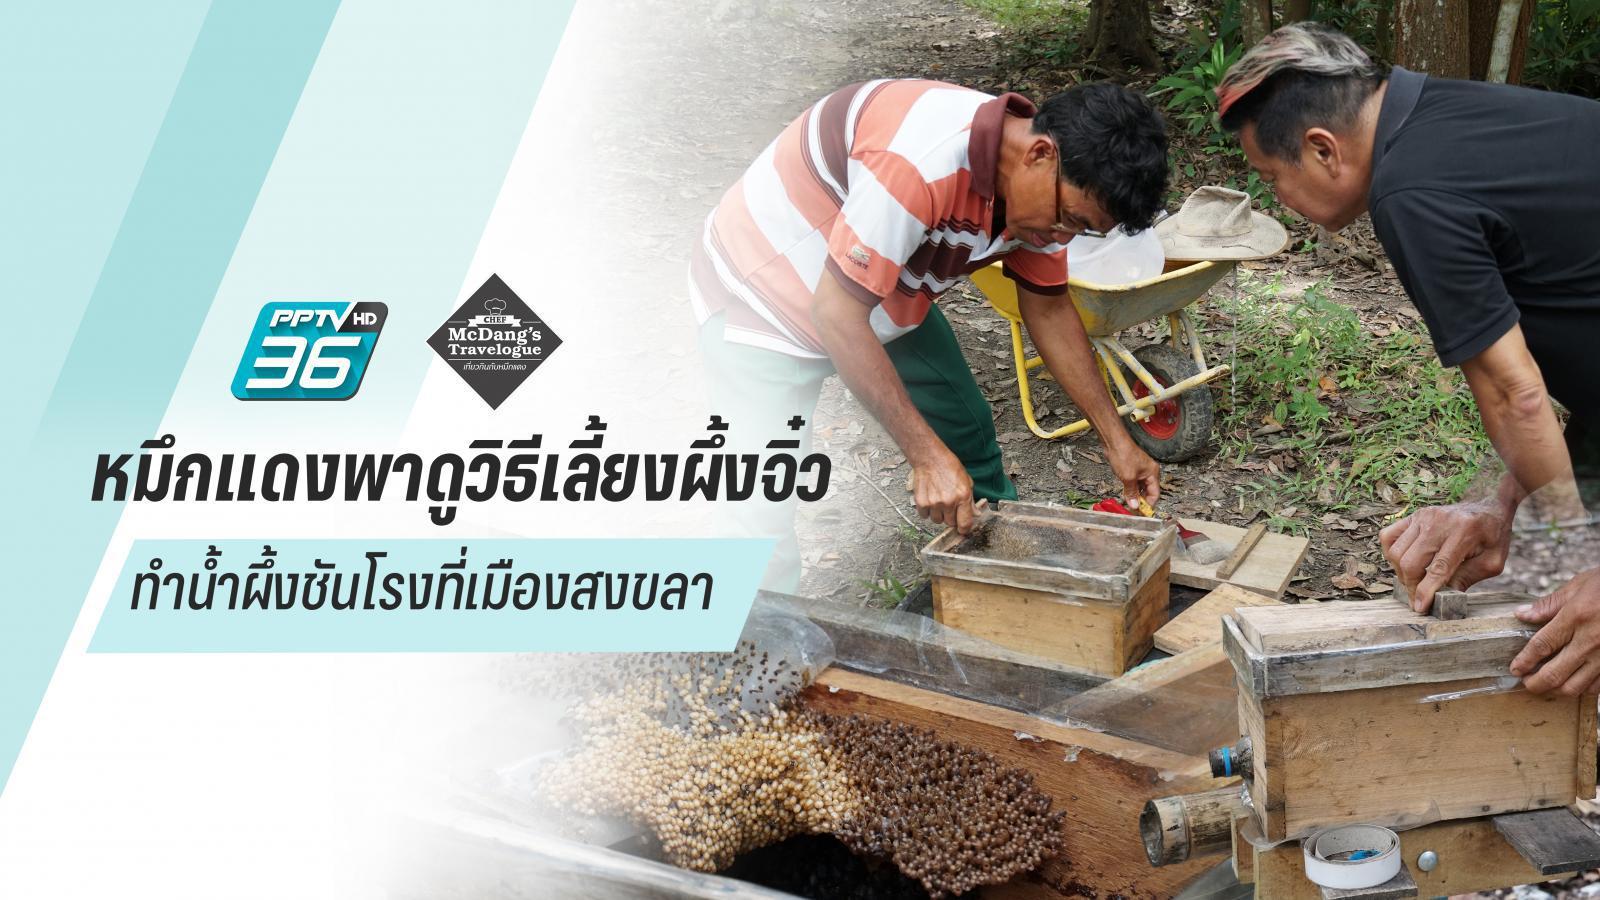 หมึกแดงพาดูวิธีเลี้ยงผึ้งจิ๋ว ทำน้ำผึ้งชันโรงที่เมืองสงขลา